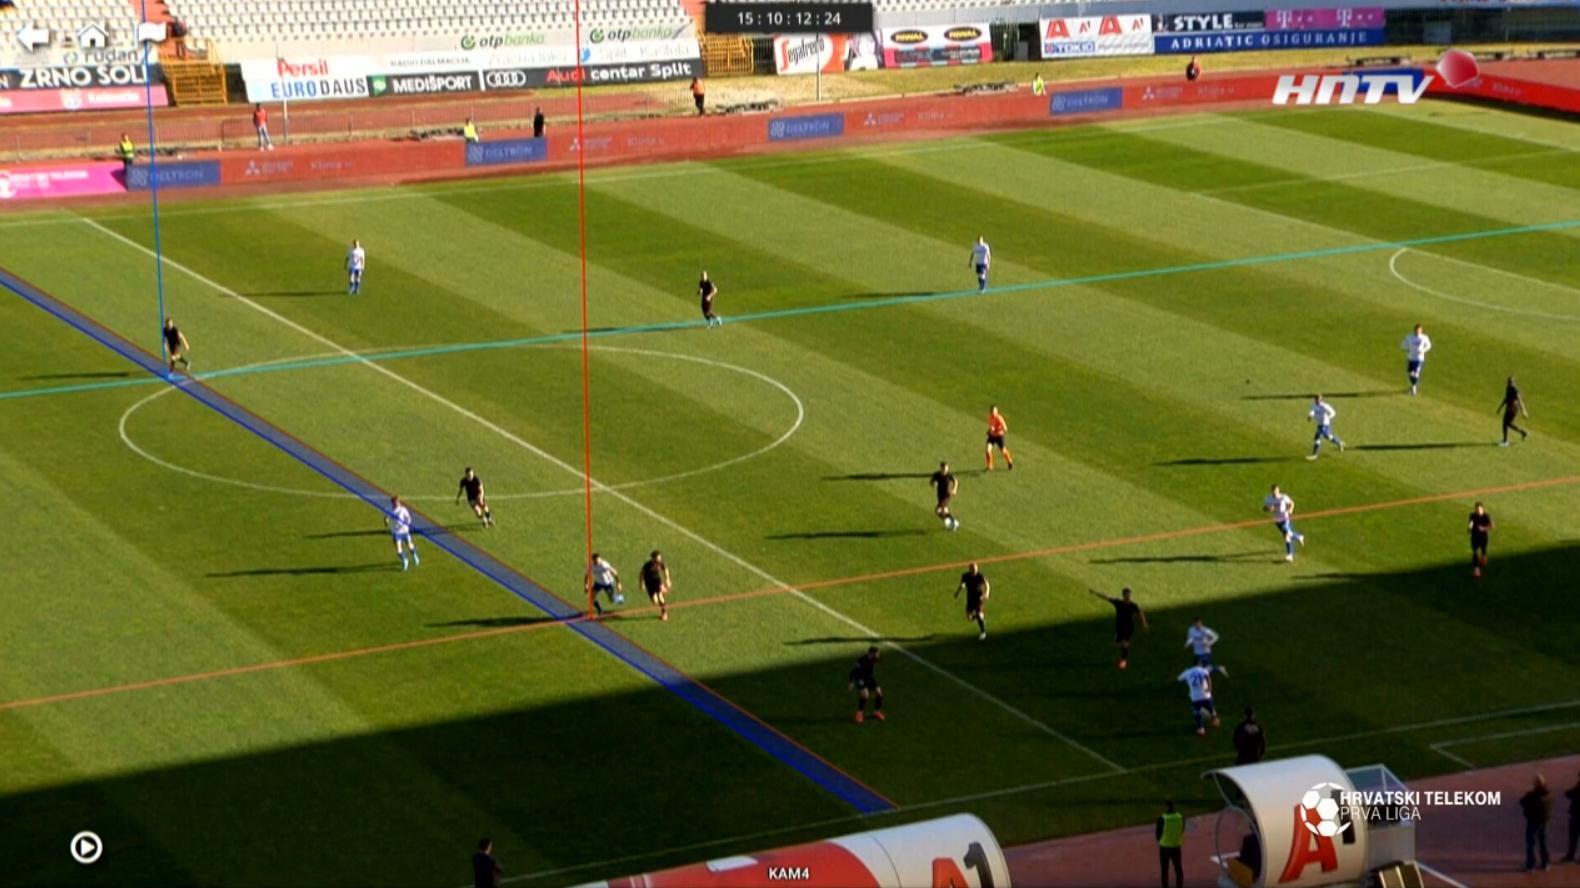 Hajduk zaleđe